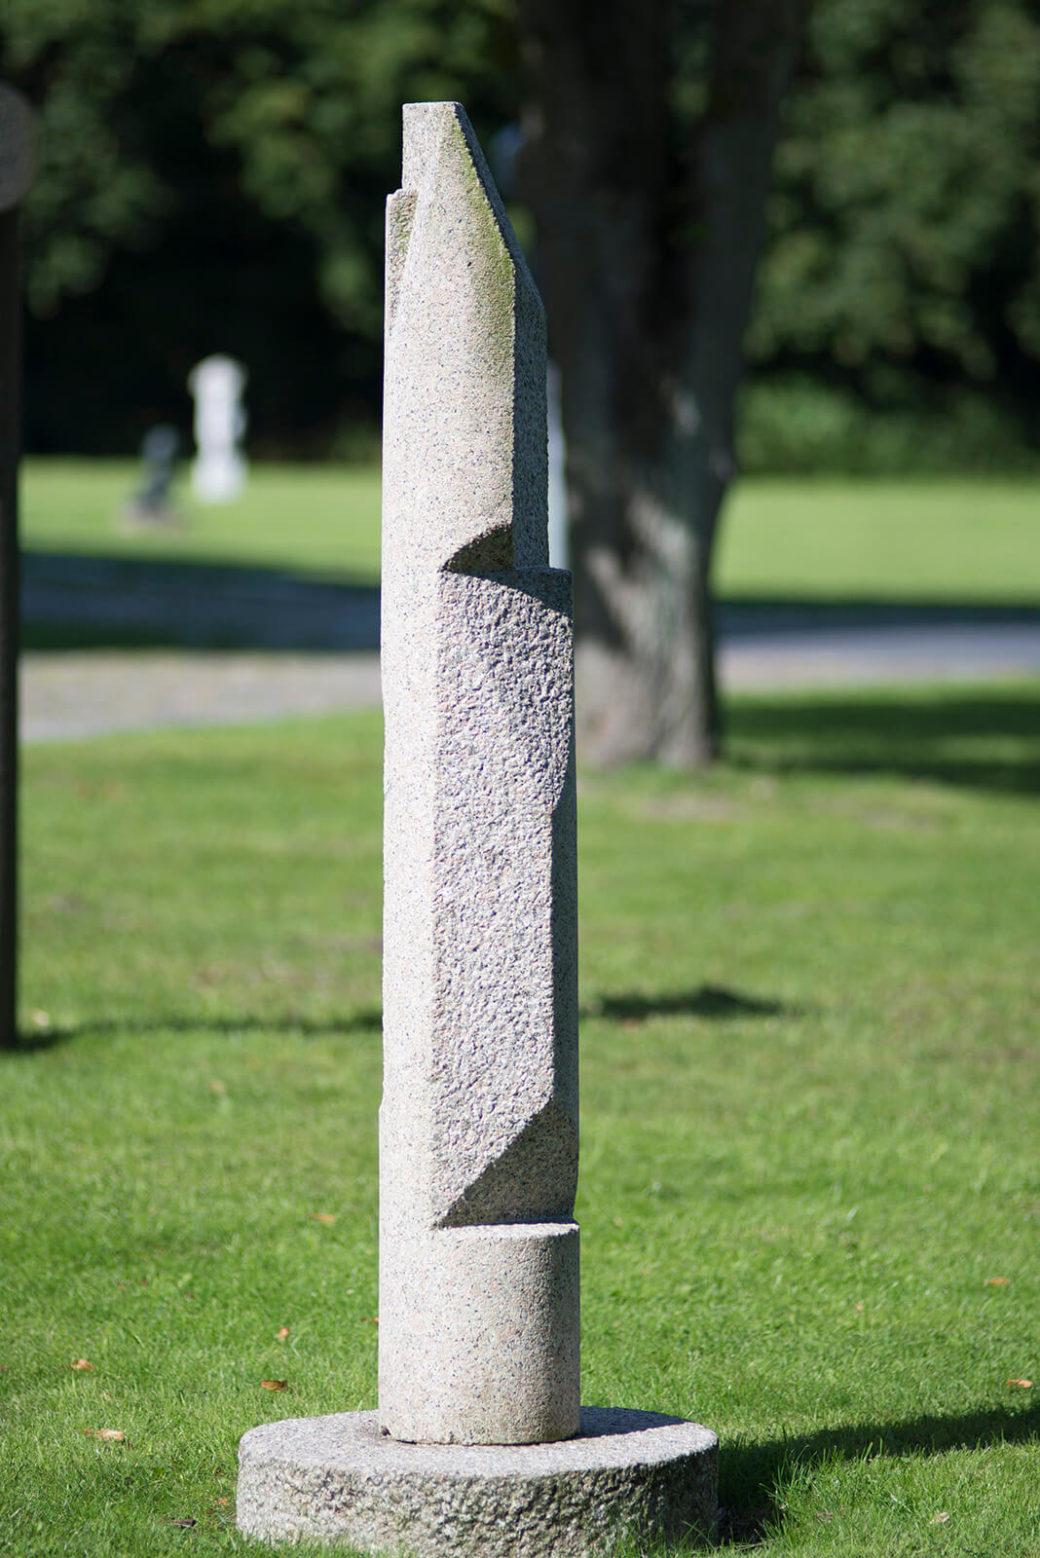 Manfred Sihle-Wissel: Stele, (Foto: KUNST@SH/Jan Petersen)